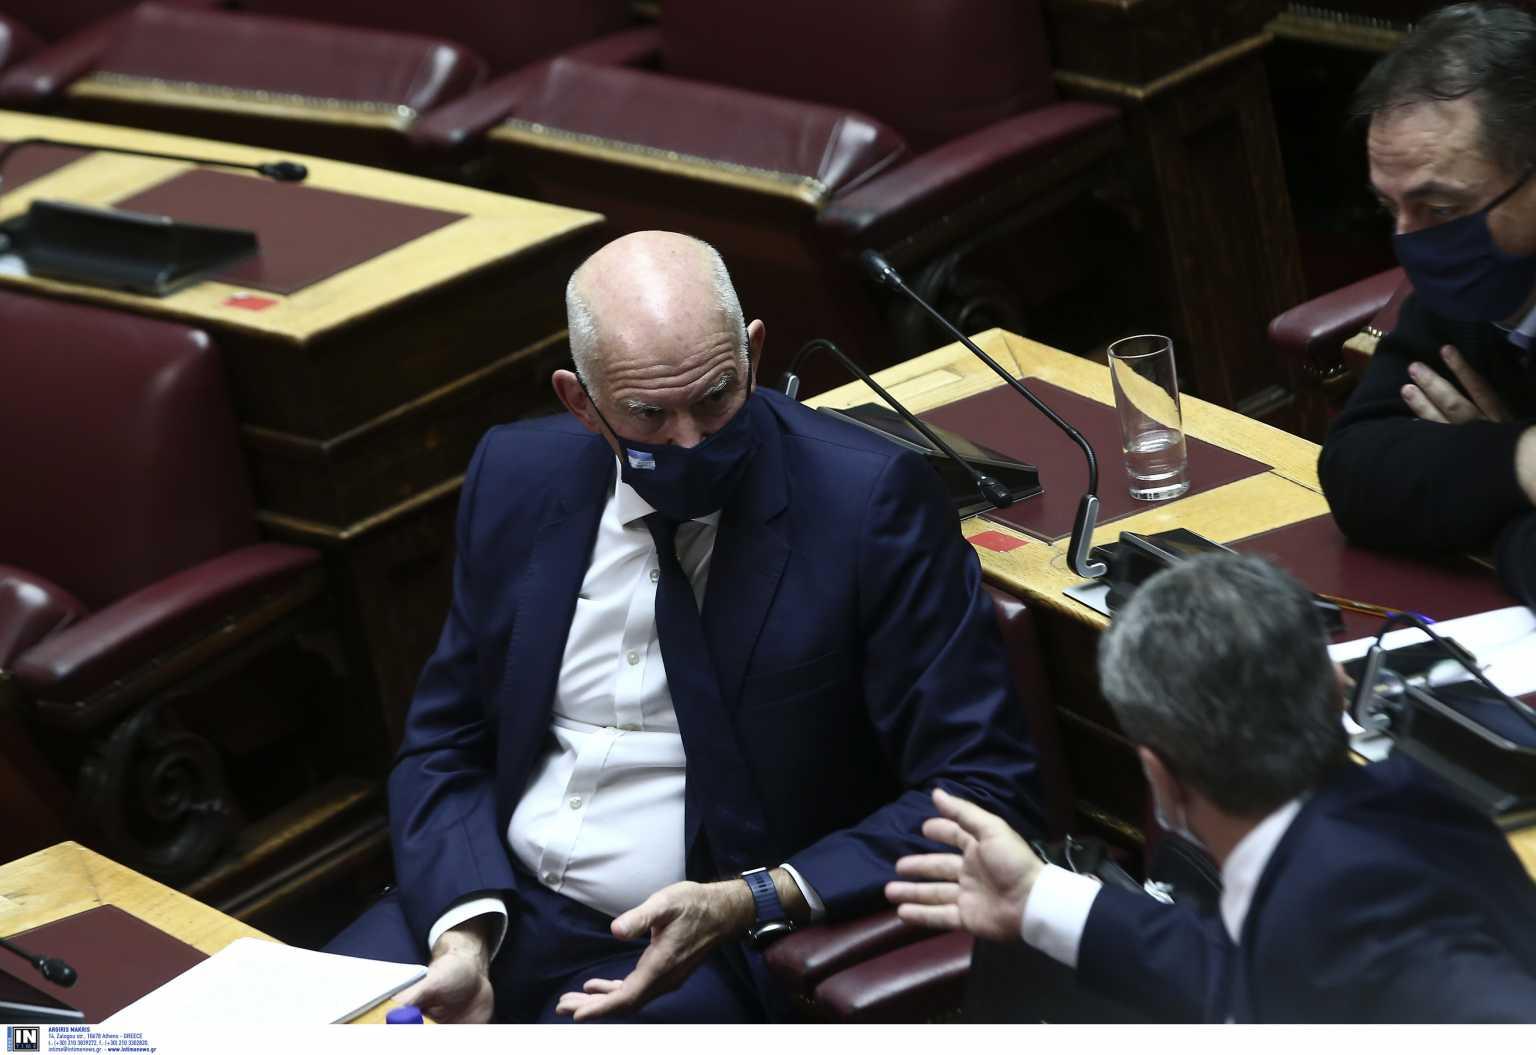 Εκλογές ΚΙΝΑΛ: Αιχμές Λοβέρδου κατά Παπανδρέου για κοινό μέτωπο με ΣΥΡΙΖΑ